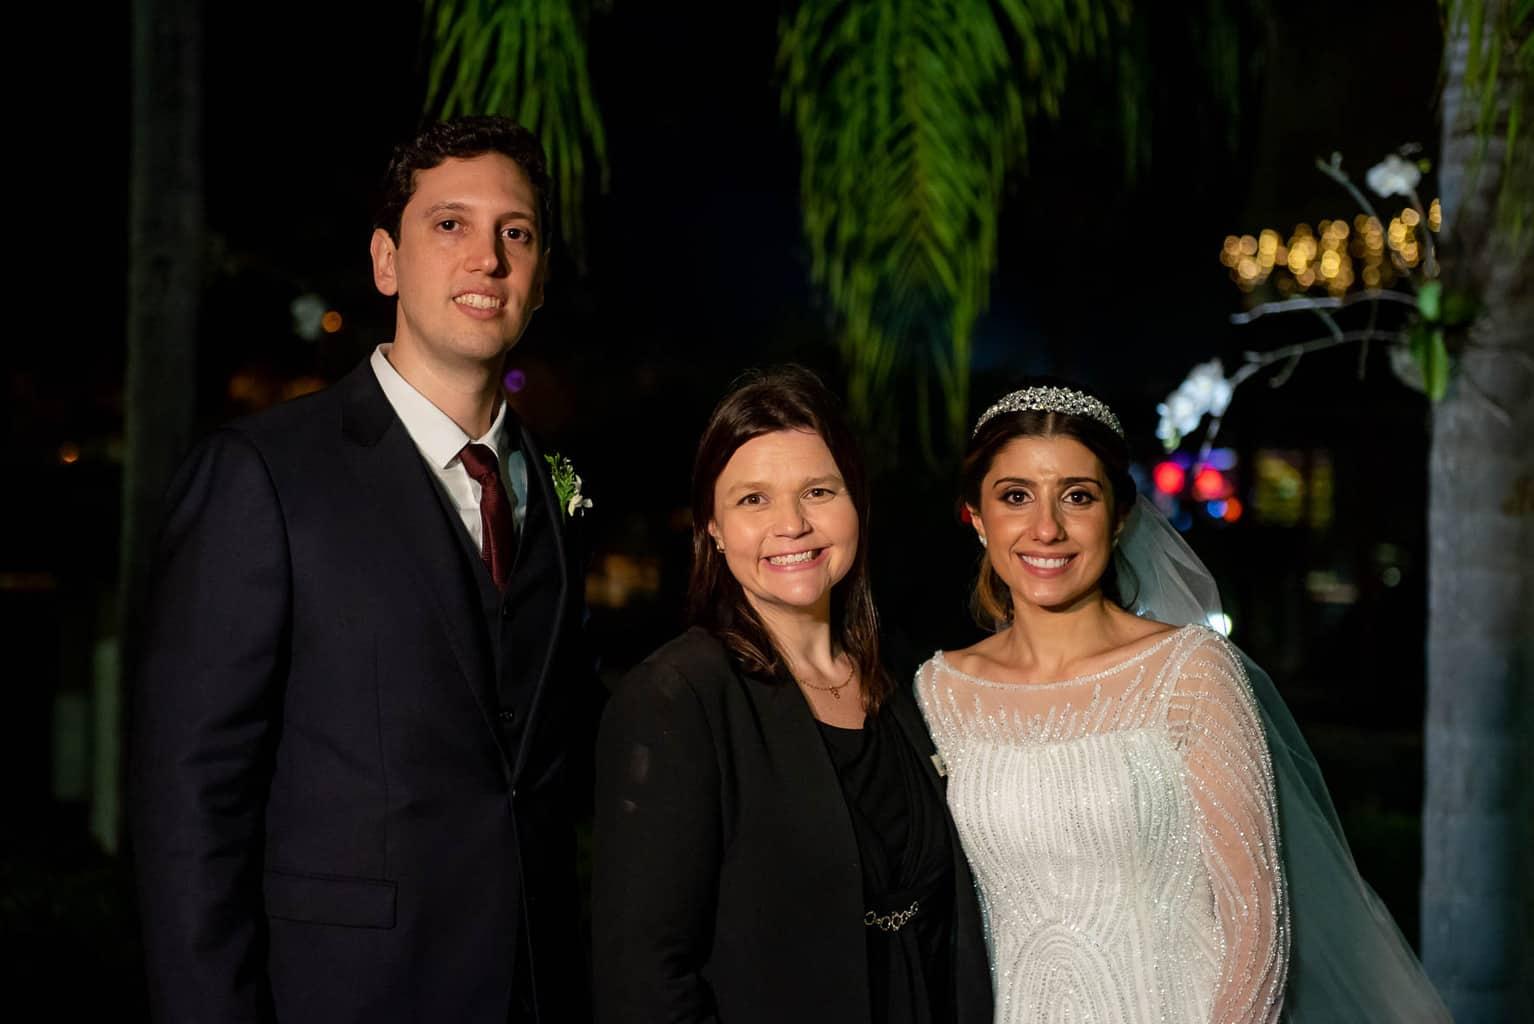 casamento-luiza-e-gustavo-cerimonial-casamento-de-ideias-fotografia-lenine-serejo48